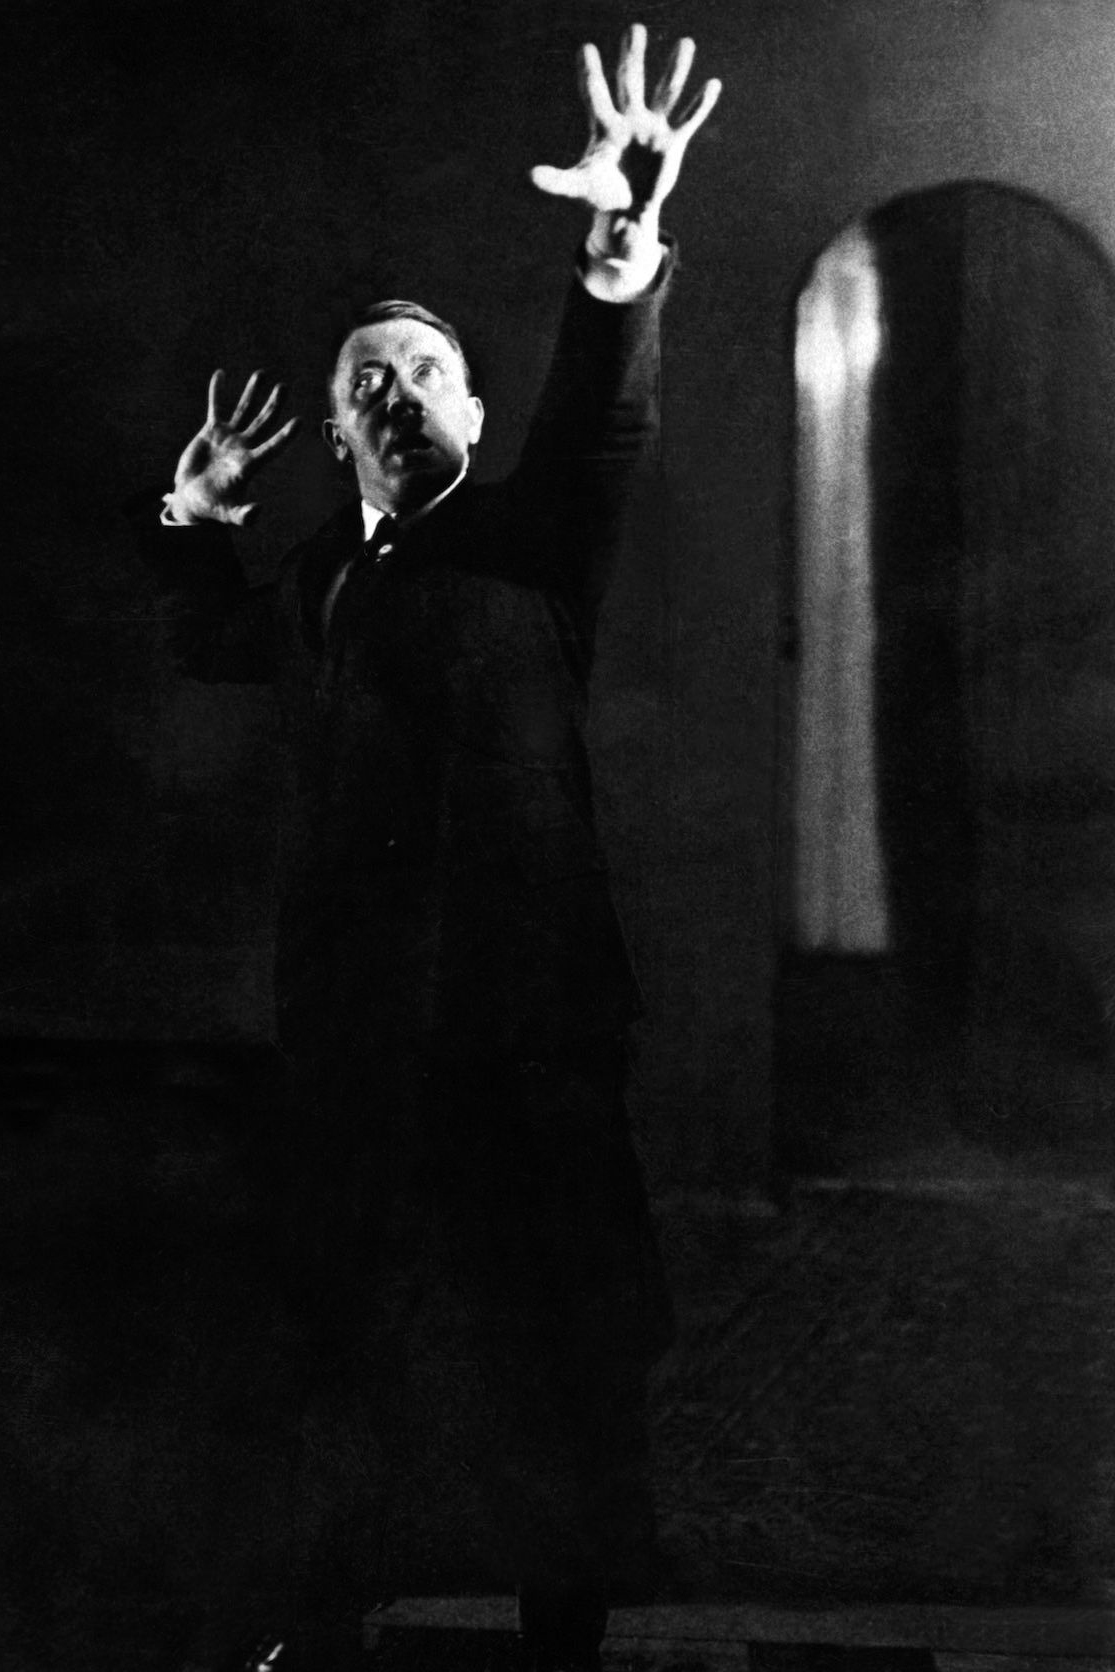 Heinrich Hoffmann photograph of Hitler rehearsing